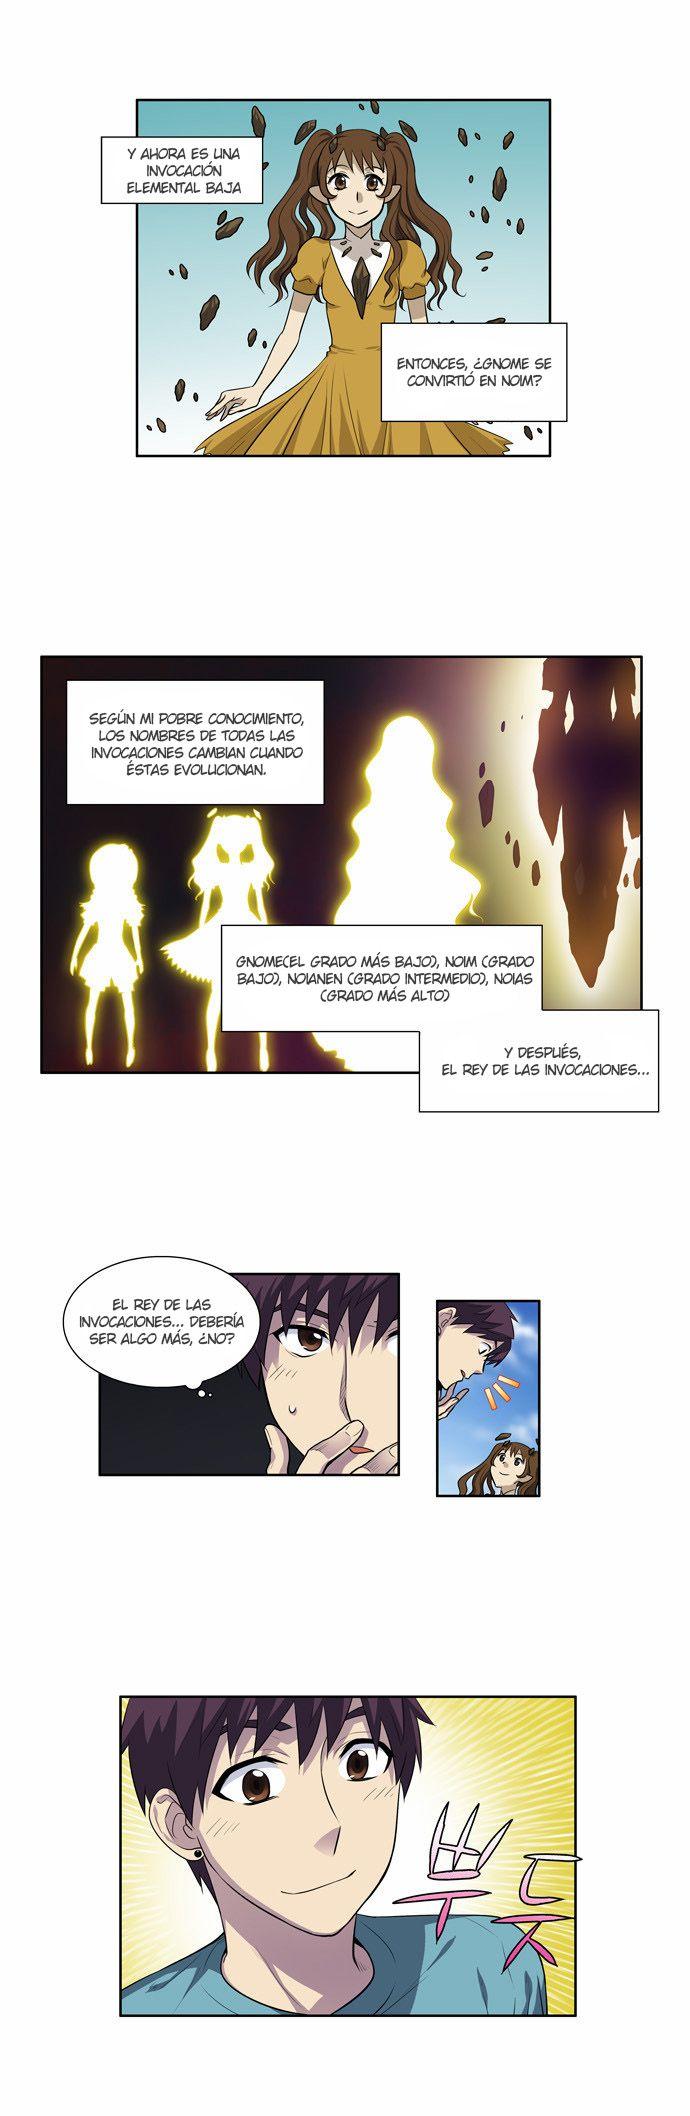 http://c5.ninemanga.com/es_manga/61/1725/464476/ee20e3bc4bd9eab997d7825b883b7359.jpg Page 6